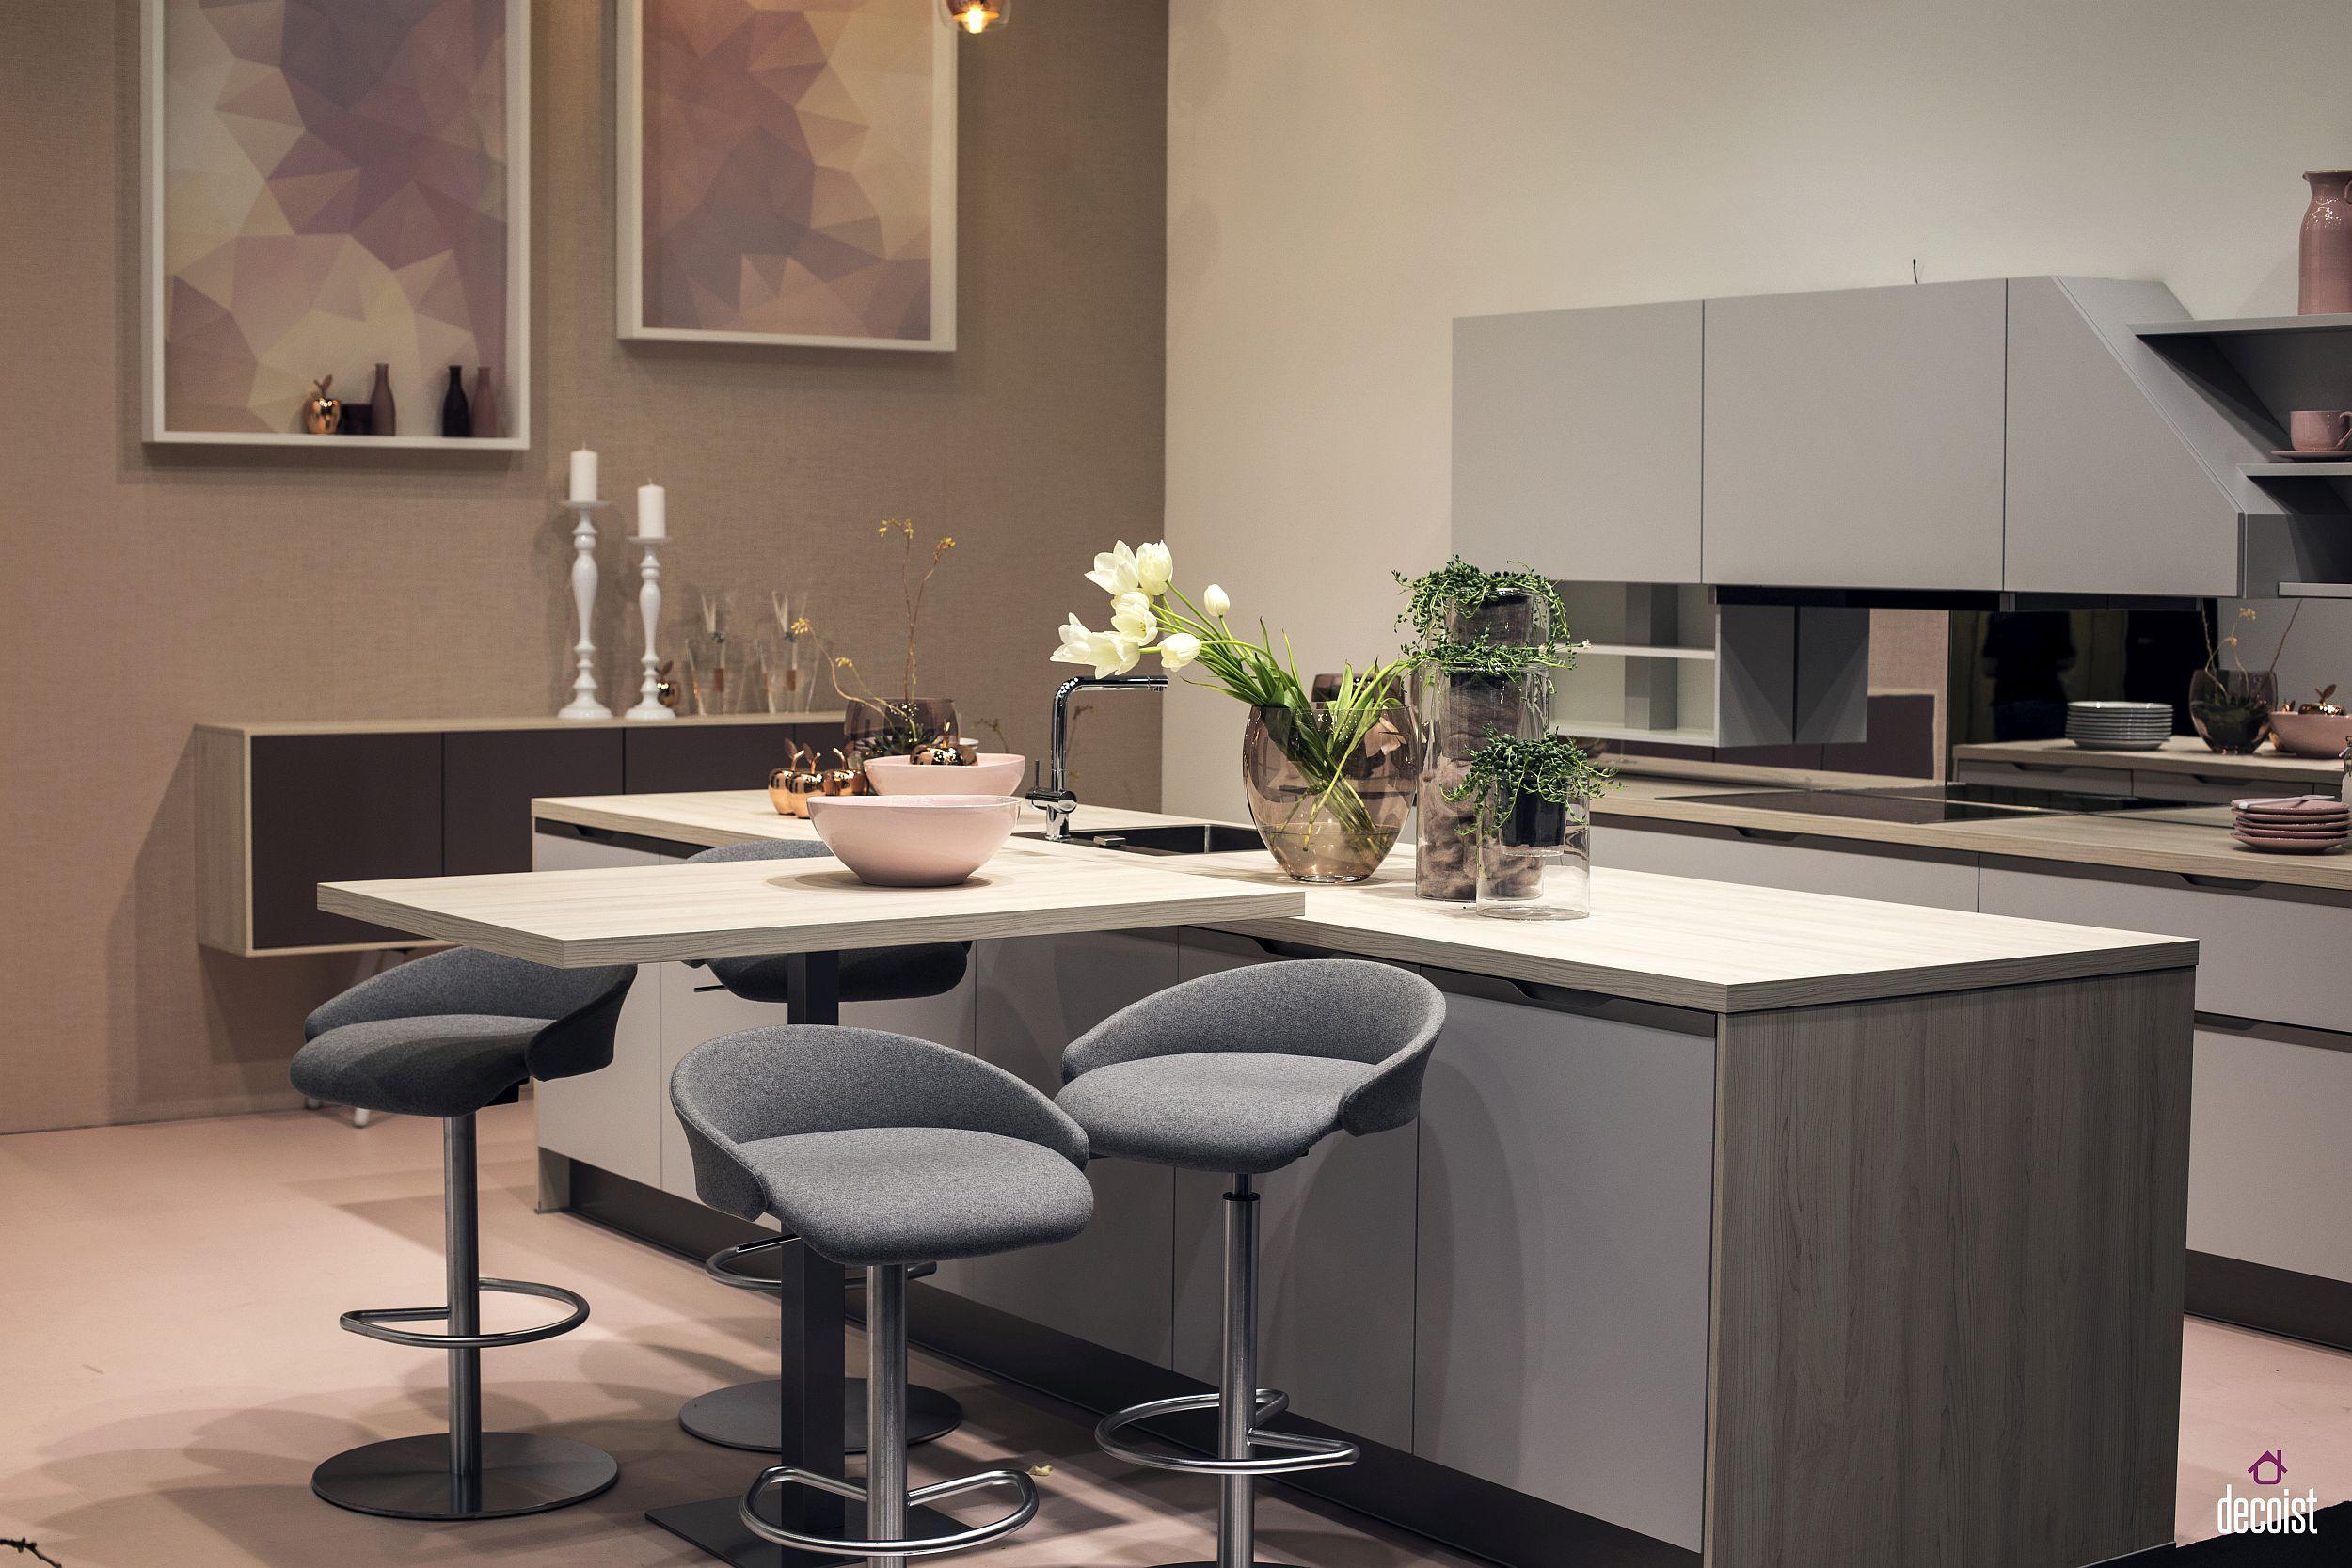 20 Ingenious Breakfast Bar Ideas For The Social Kitchen Kitchen Bar Table Kitchen Design Bar Table Design